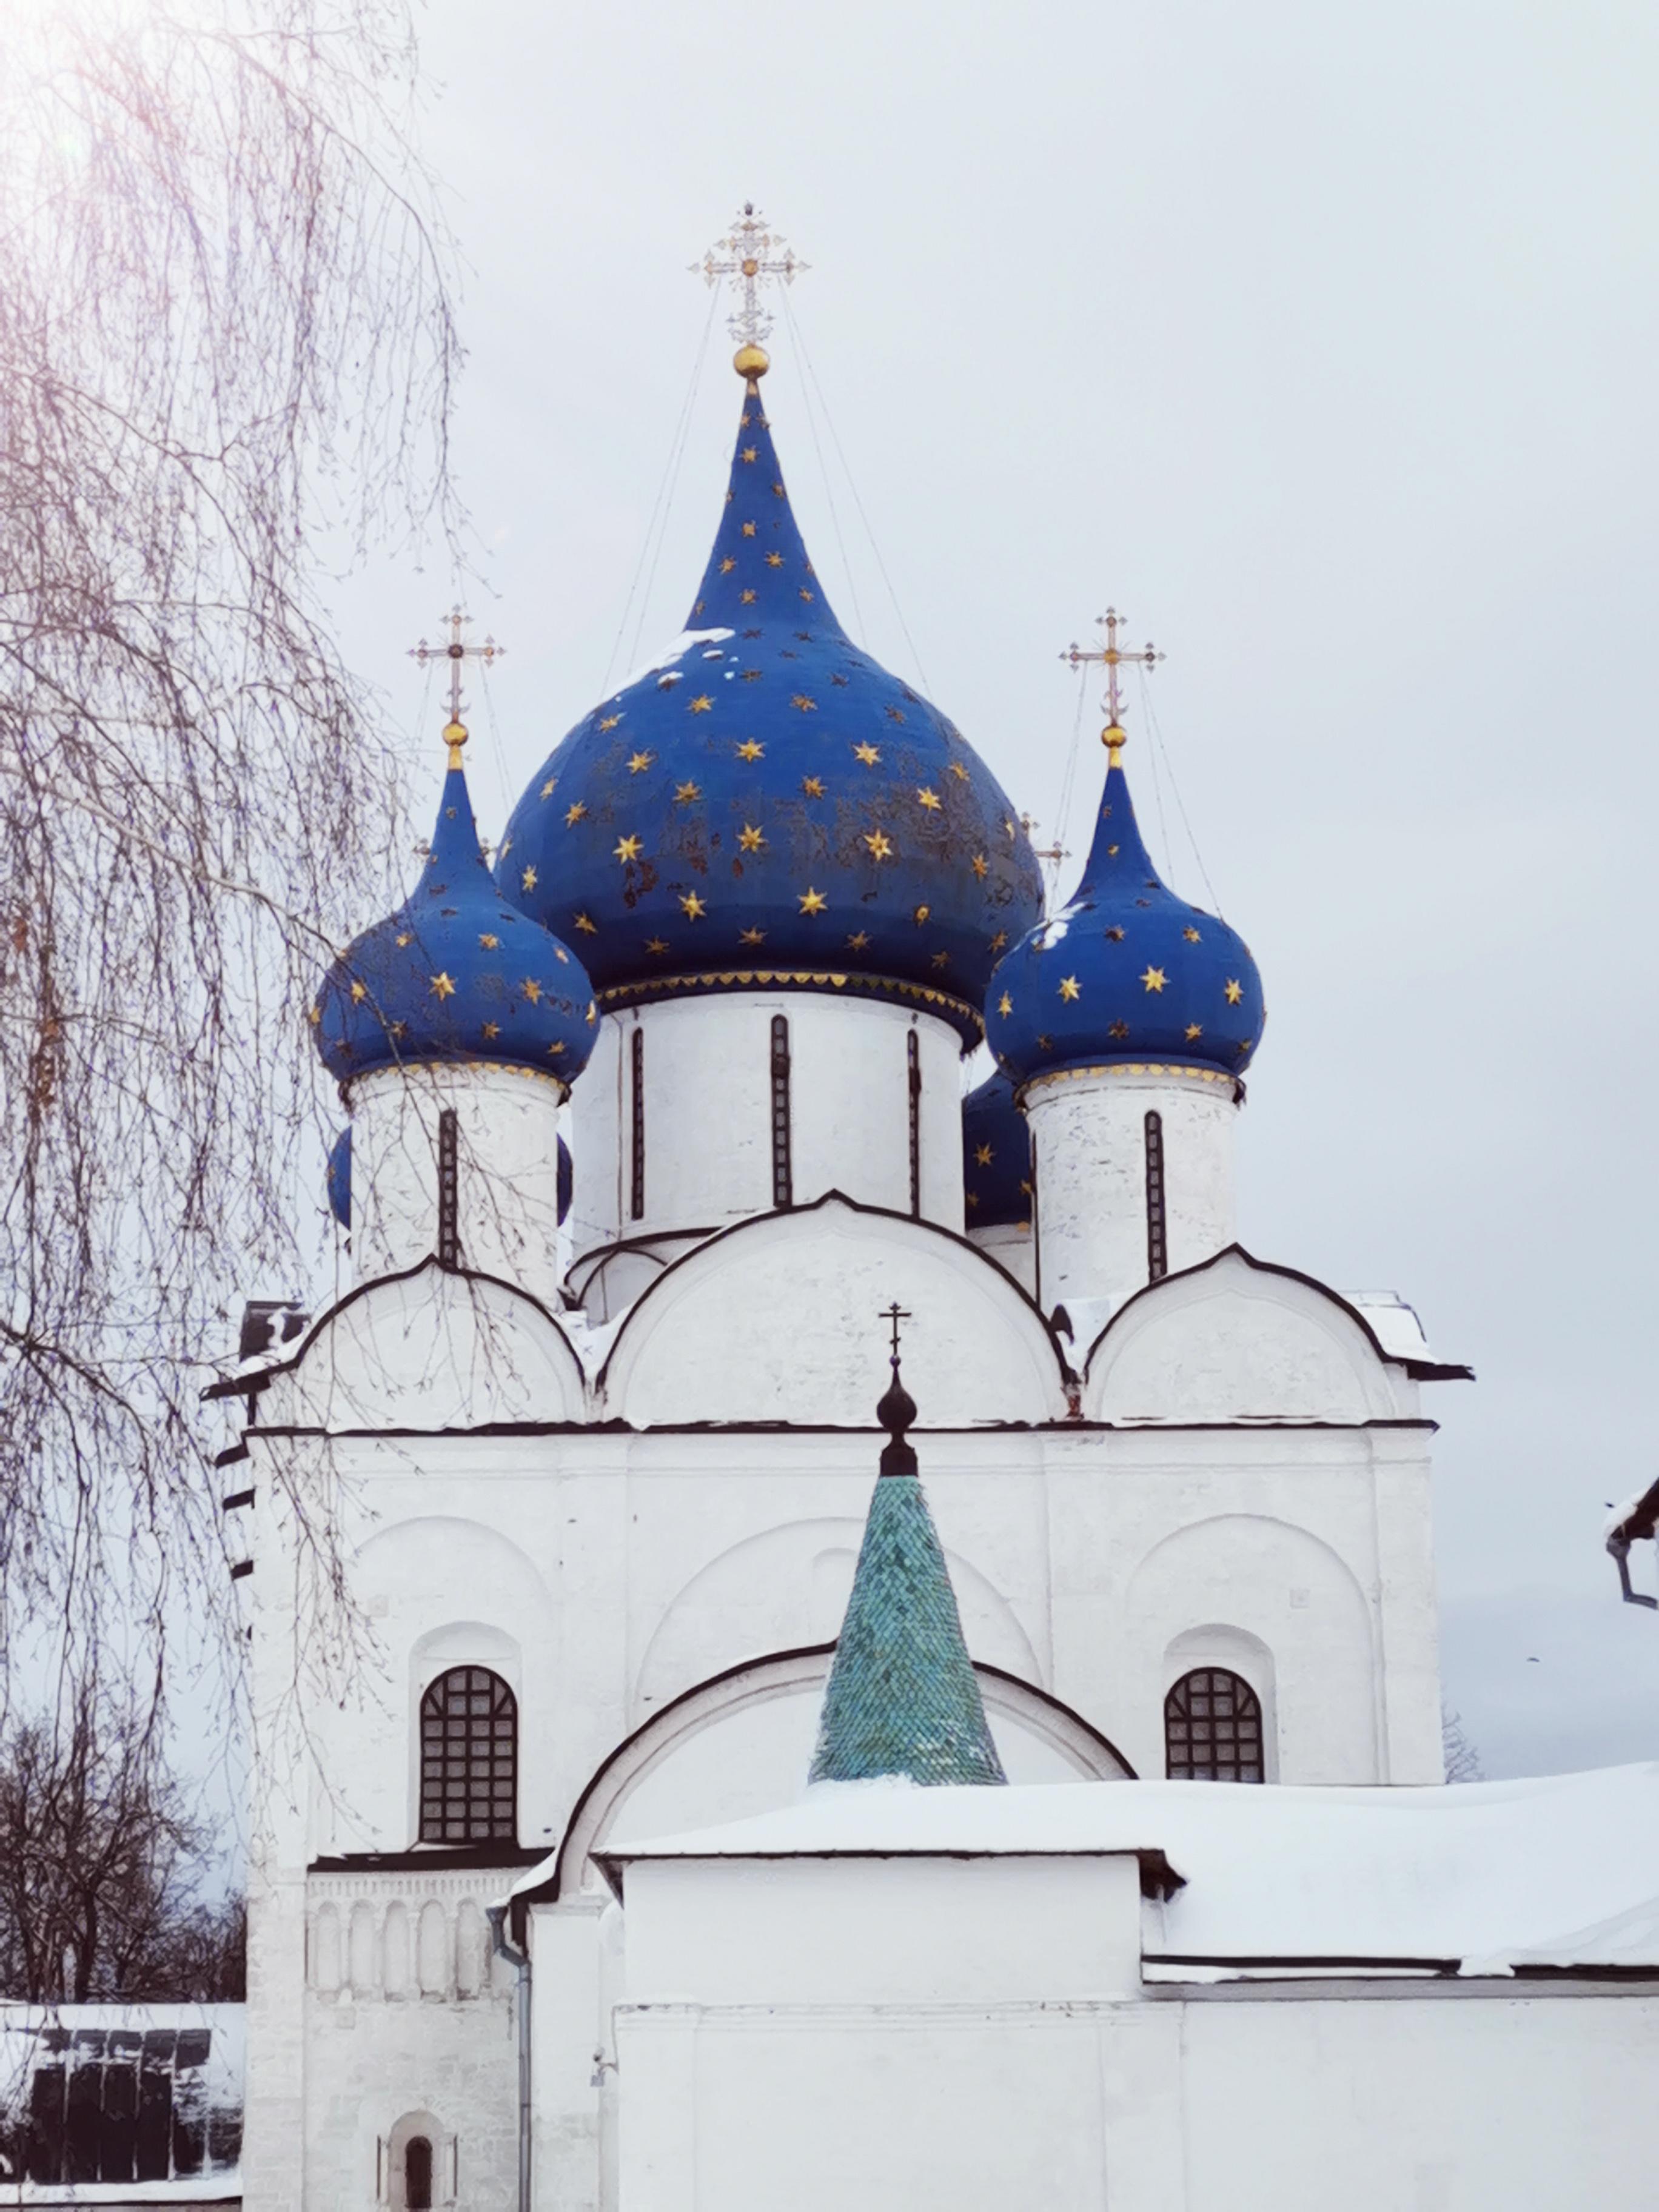 kremlin blanc et ciel étoilé suzdal